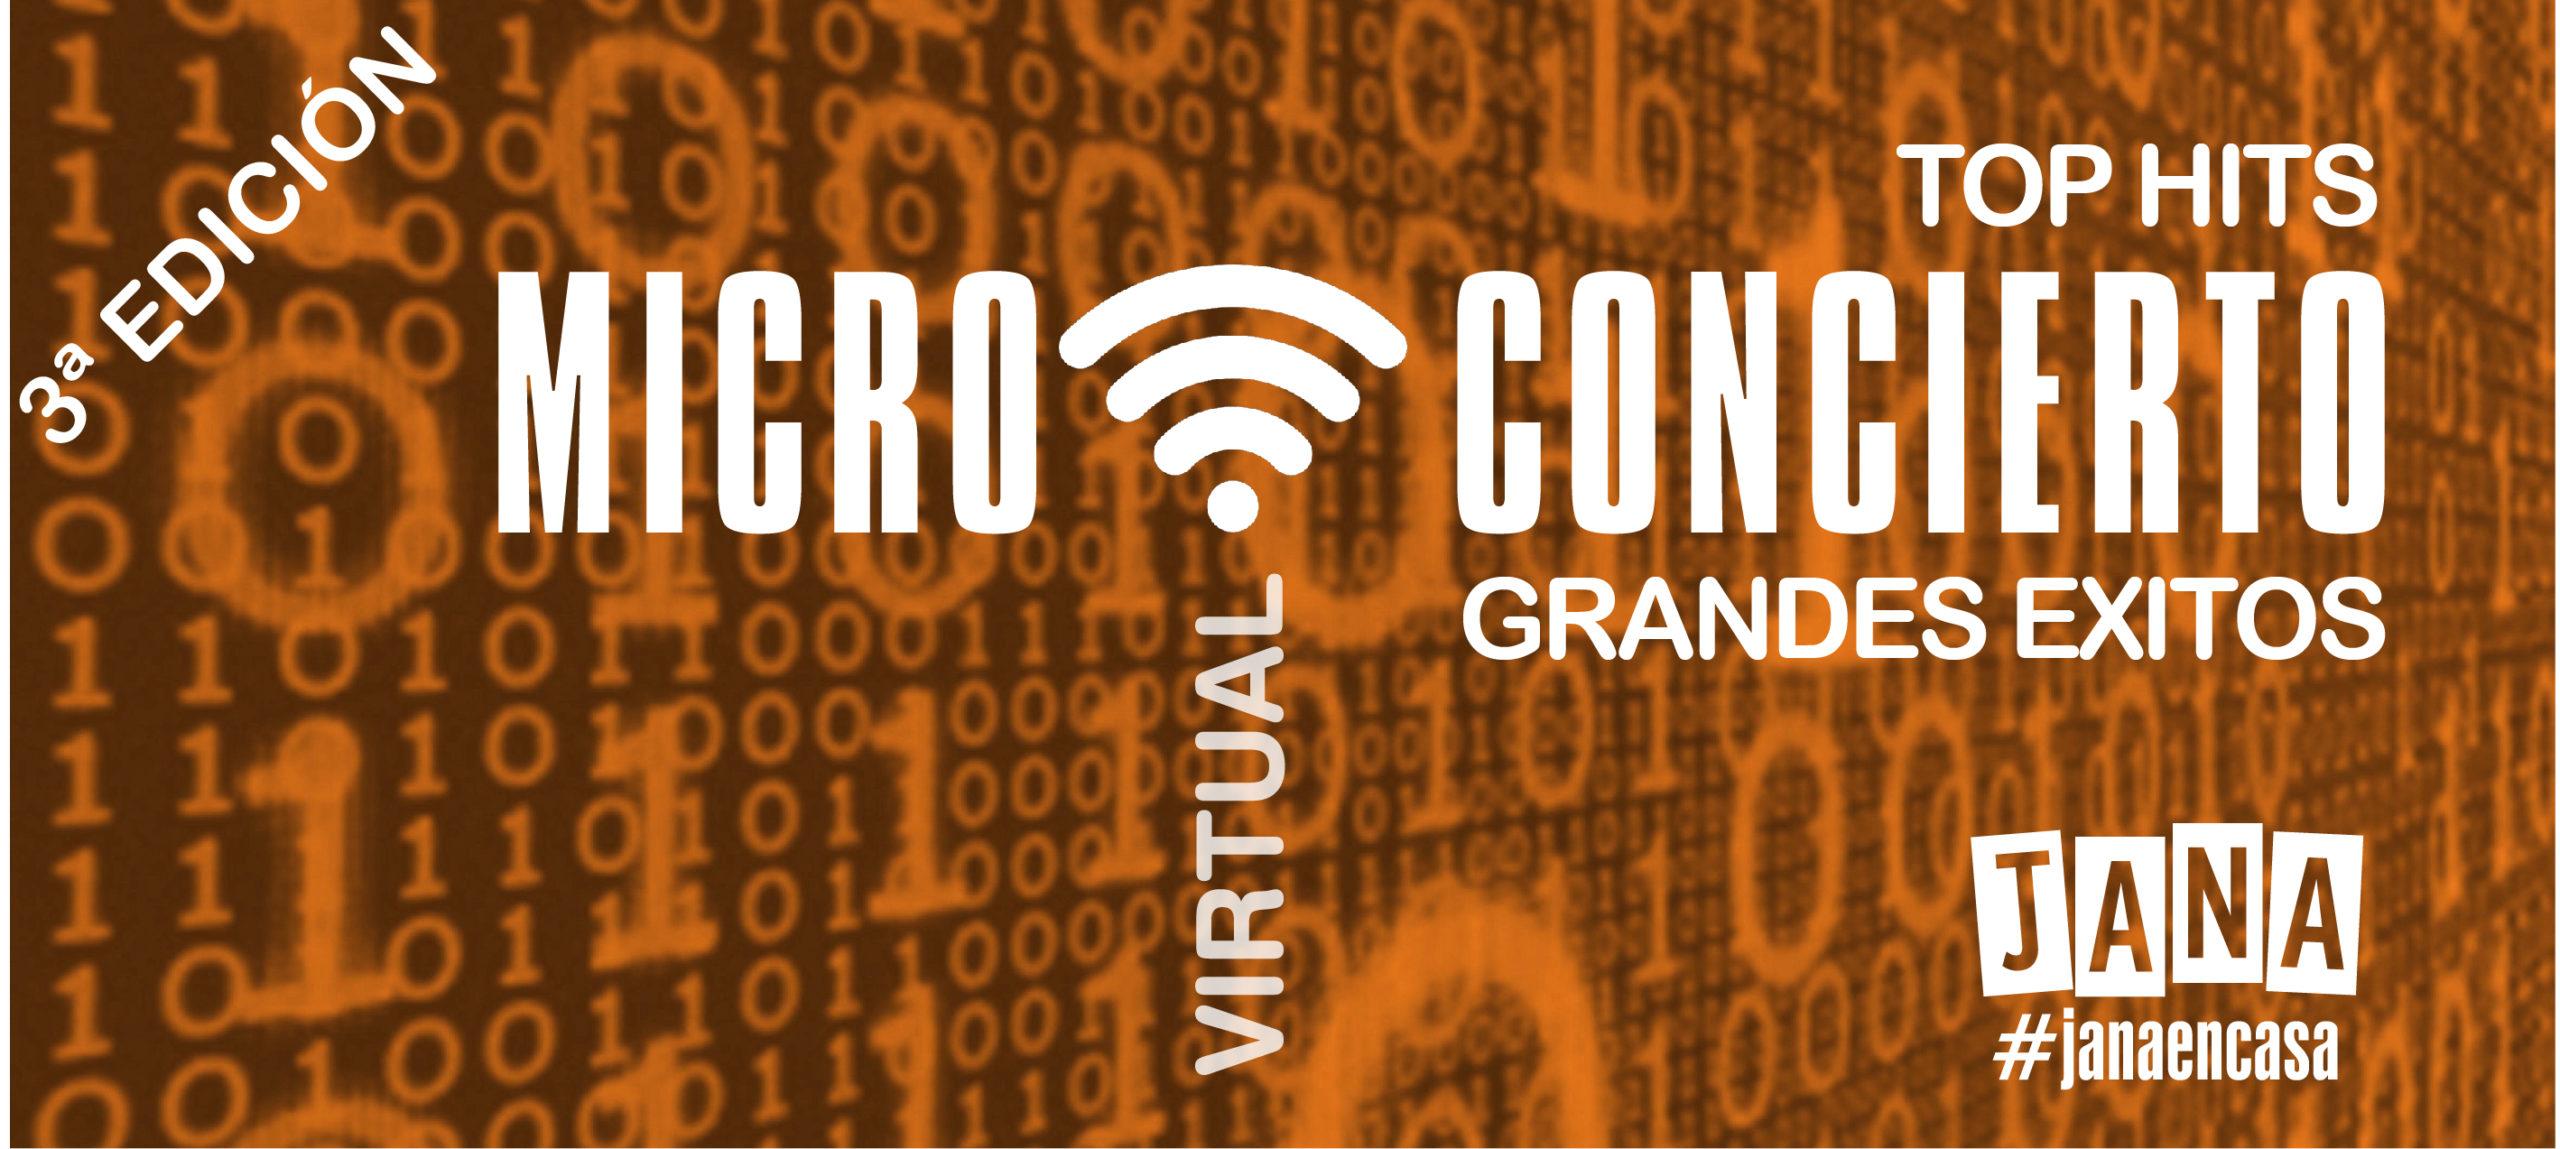 microconcierto virtual tercera edicion grandes exitos top hits cartel